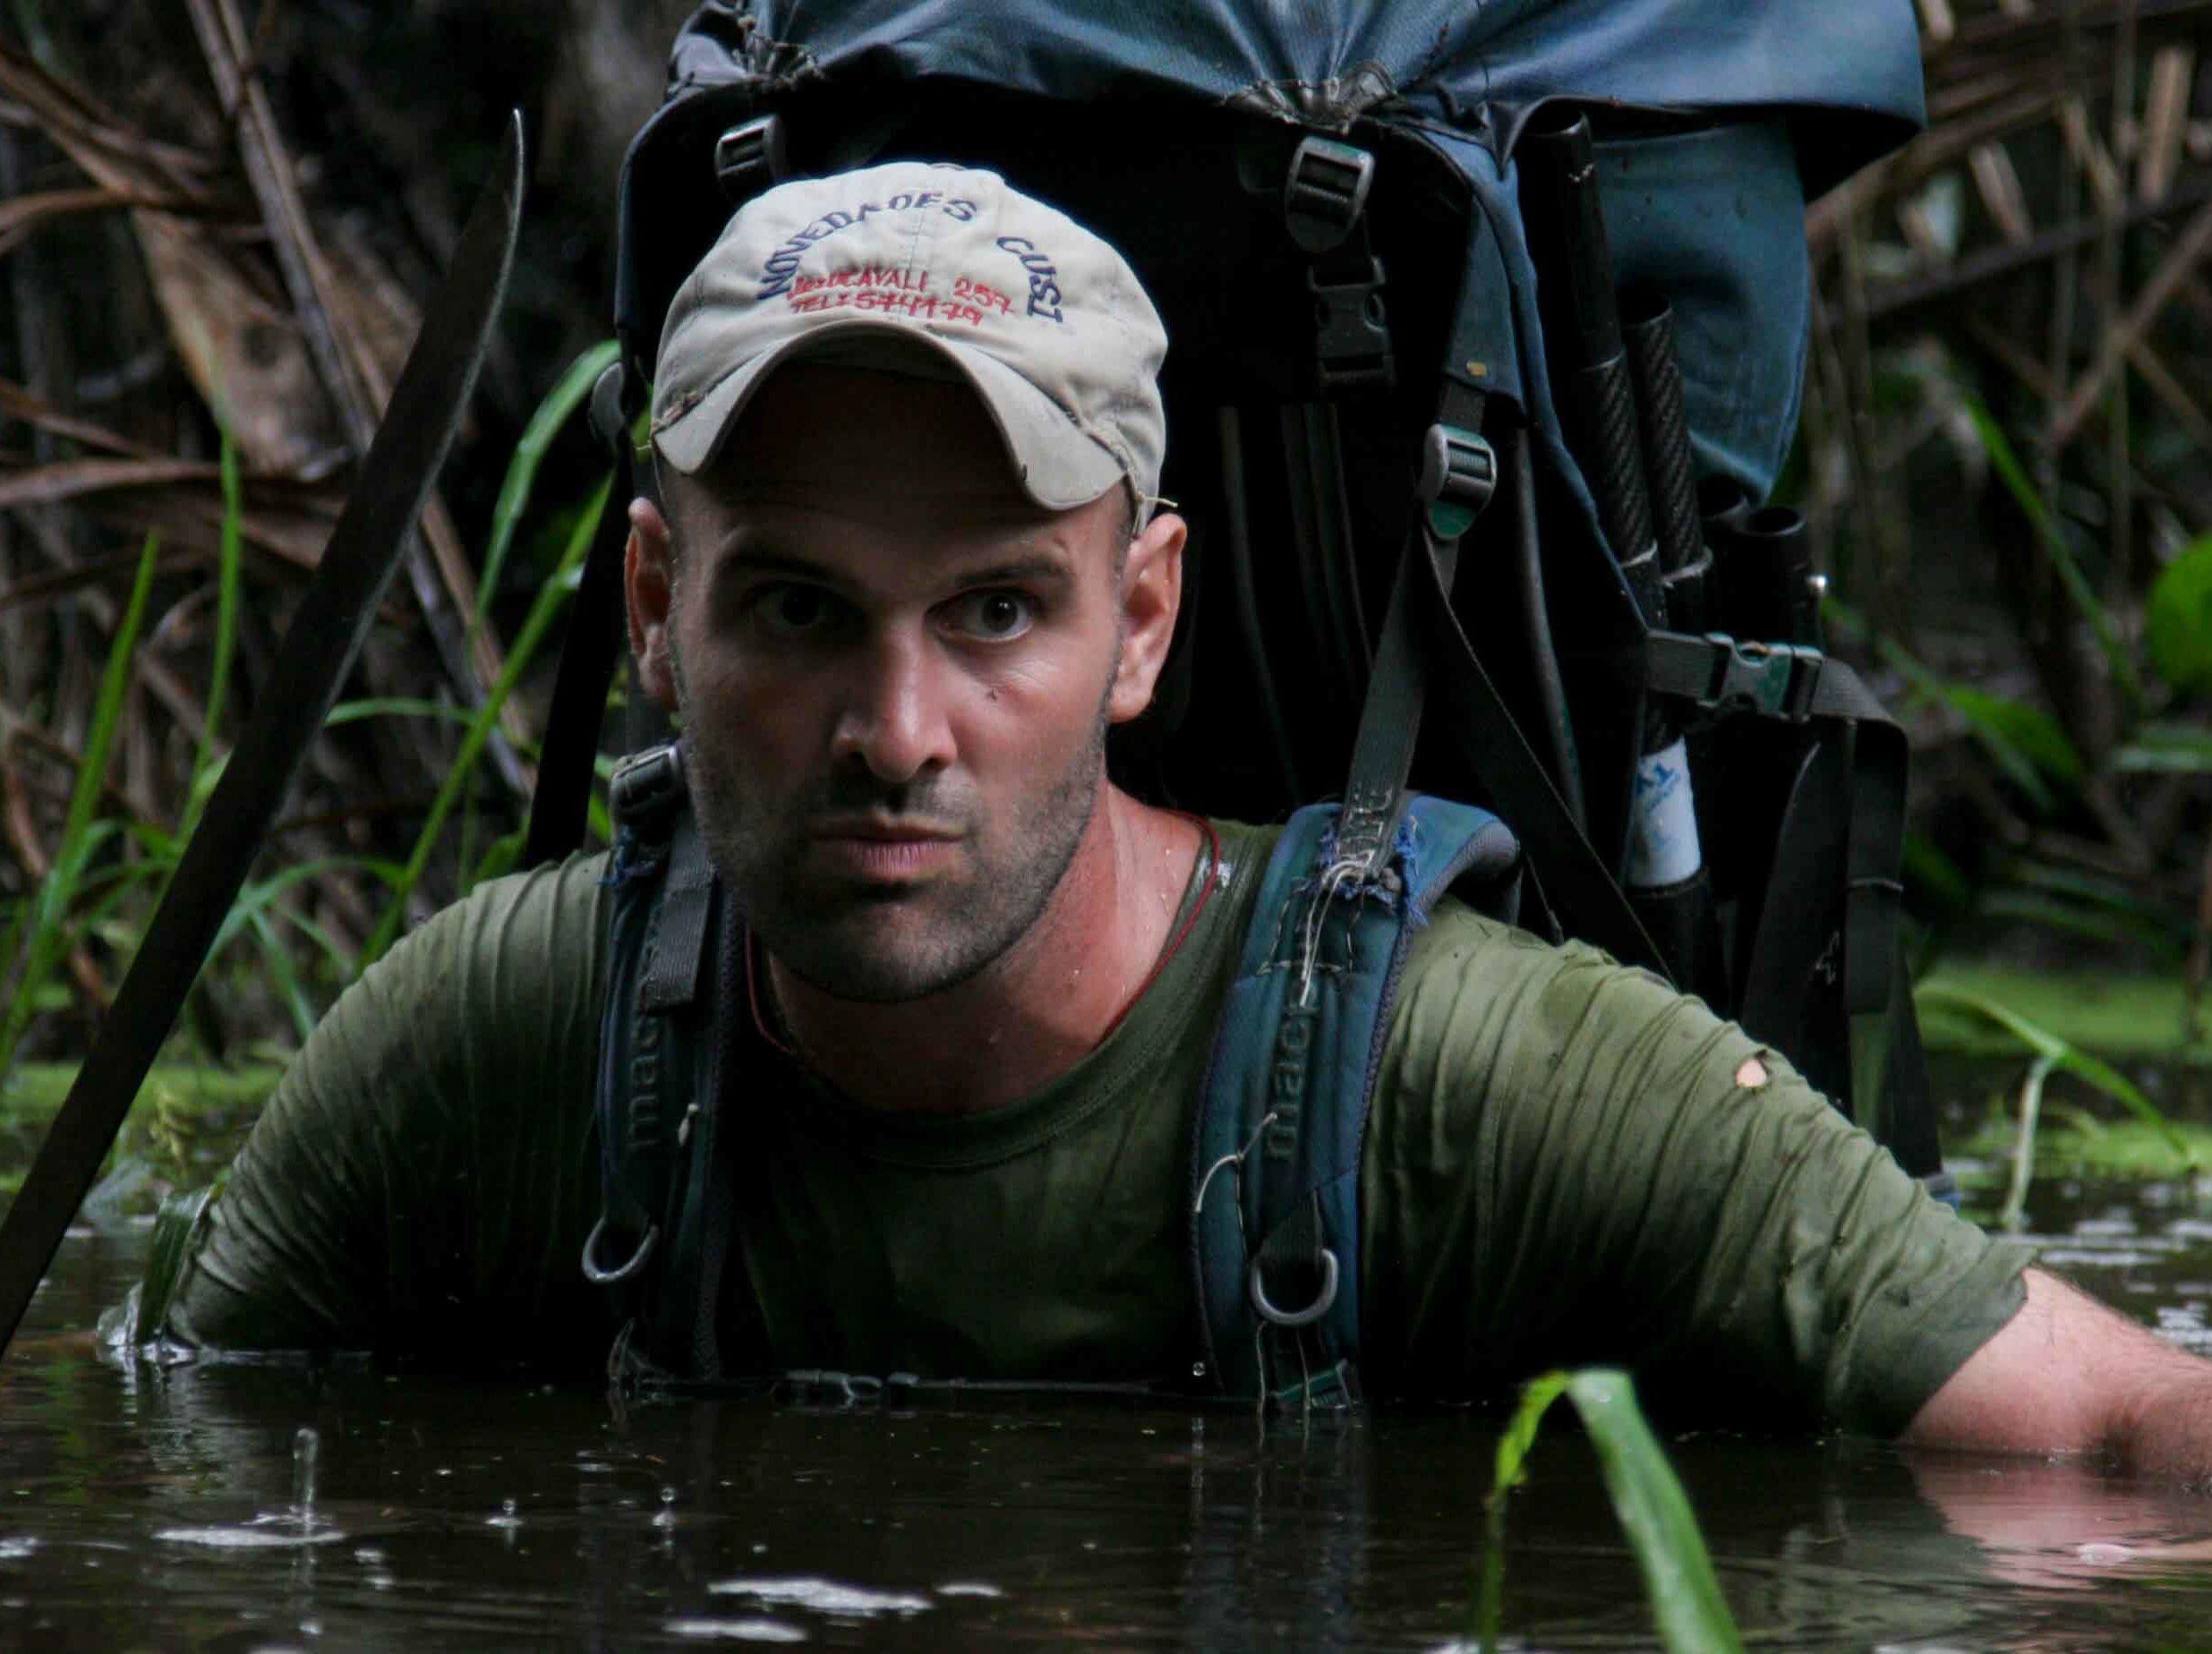 Edward Staffor aventurier et explorateur, conférencier aventurier dans l'équipe WeChamp Entreprise